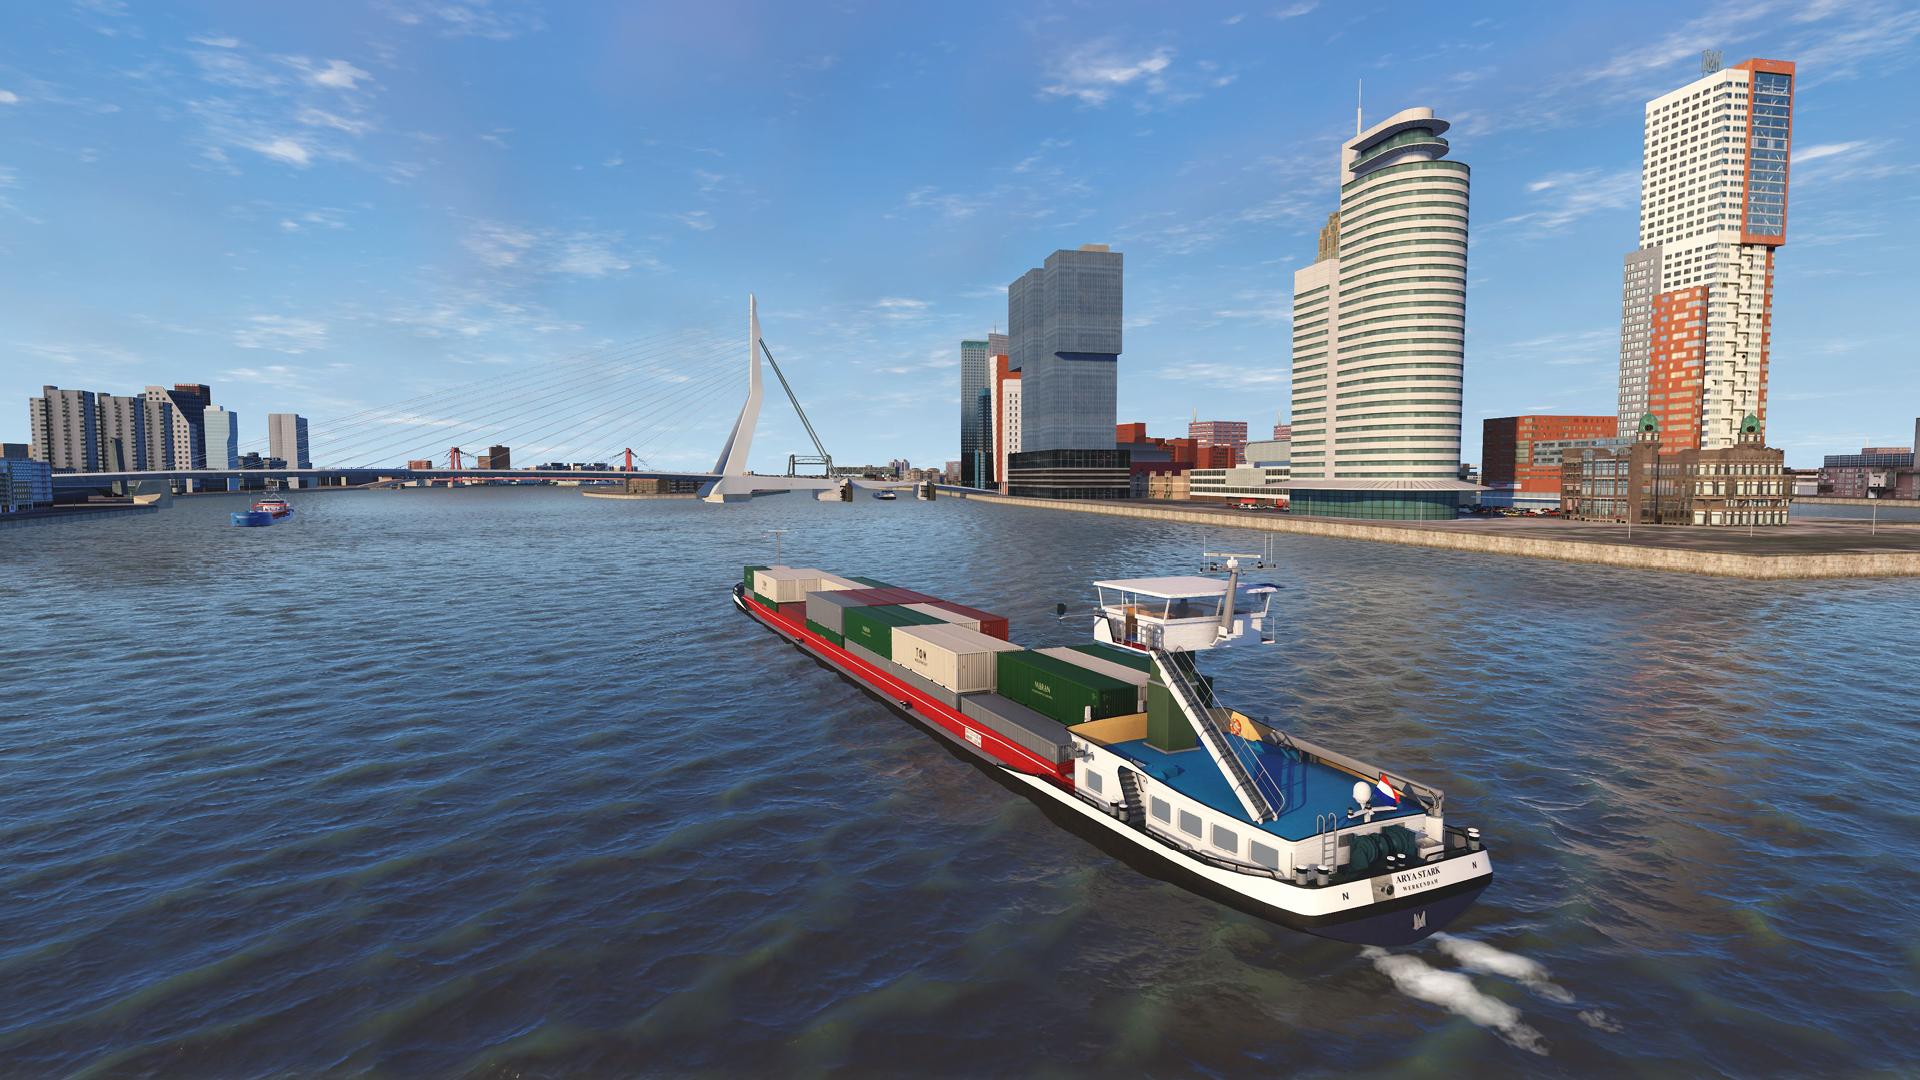 NAUTIS Maritime Simulator - Erasmus Bridge